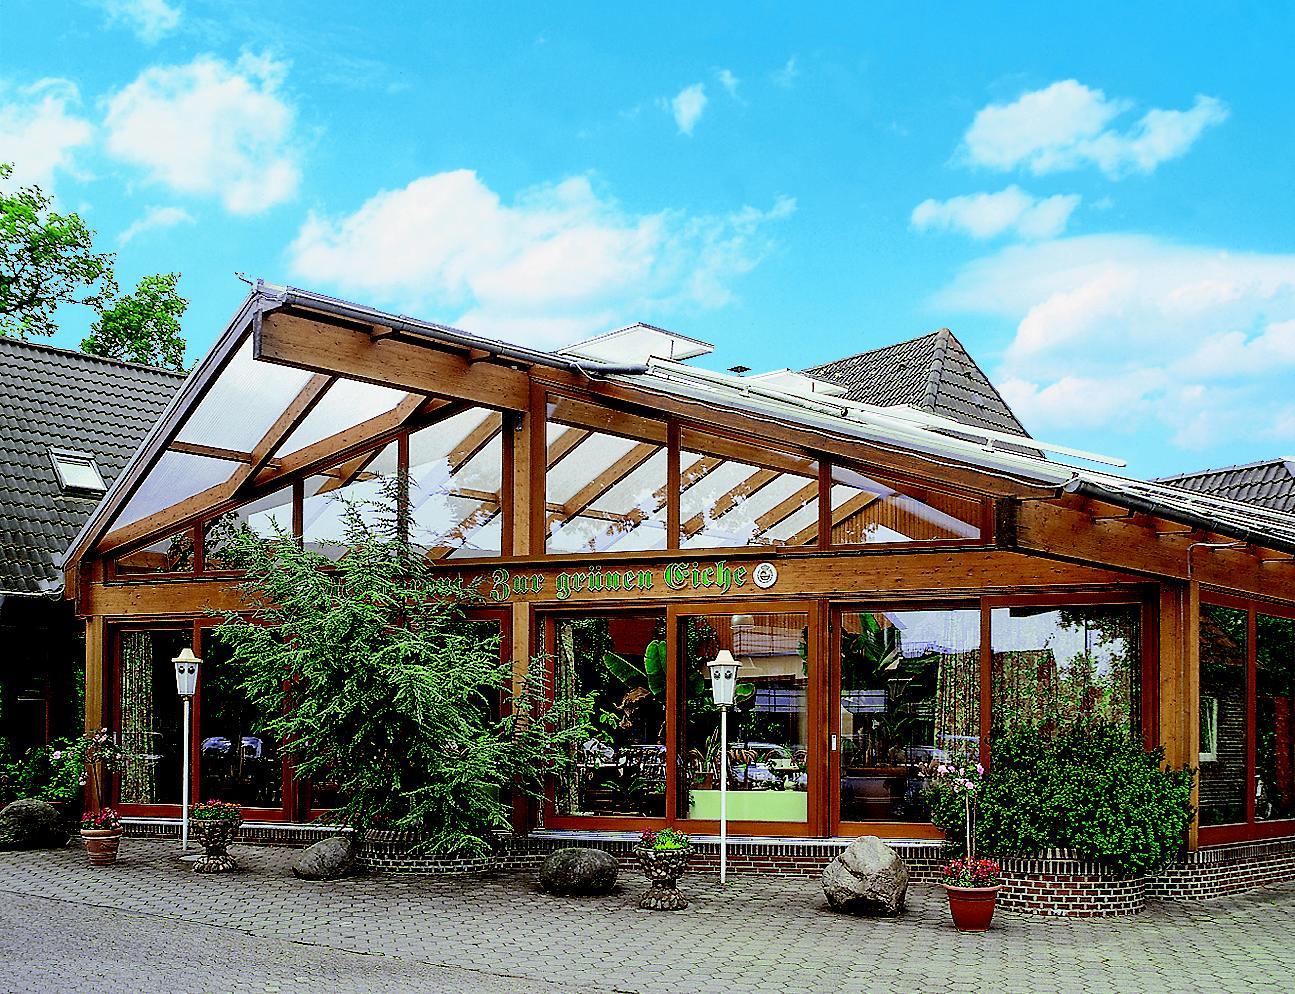 akzent-hotel-zur-gruenen-eiche-aussenansicht-restaurant-min.jpg.JPG